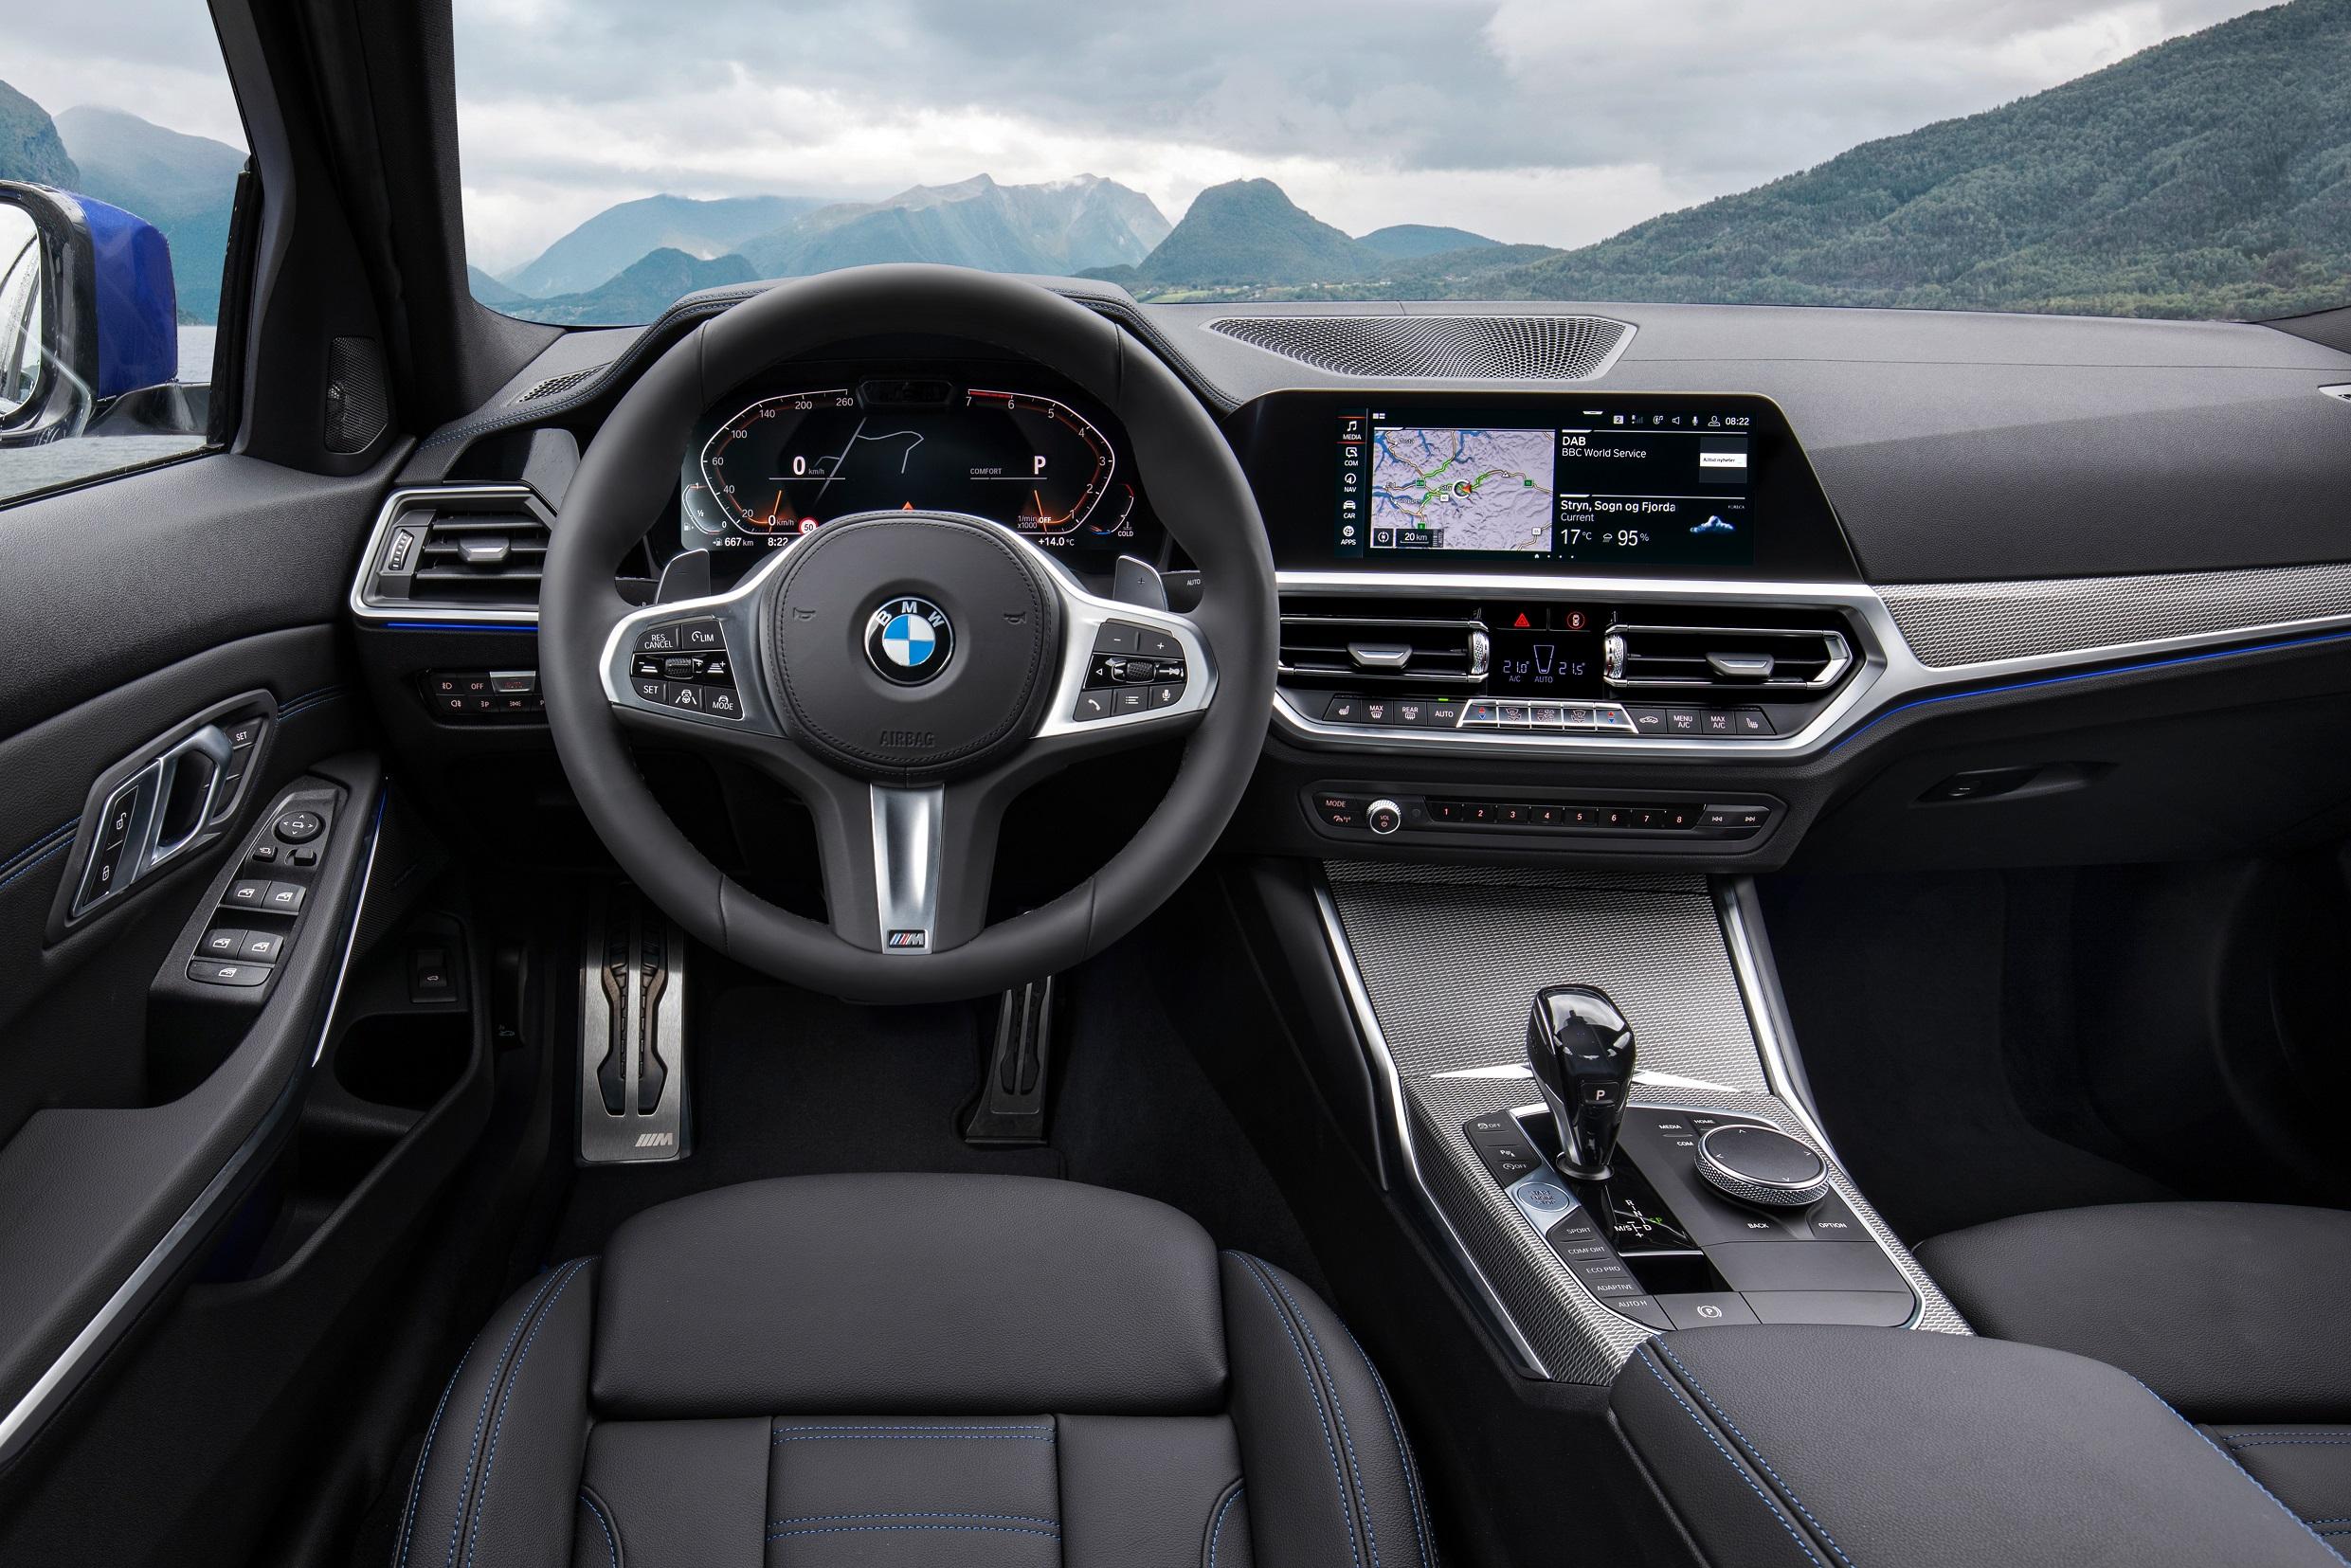 Yeni Bmw 3 Serisi Pariste Tanıtıldı Autoworlddergisi